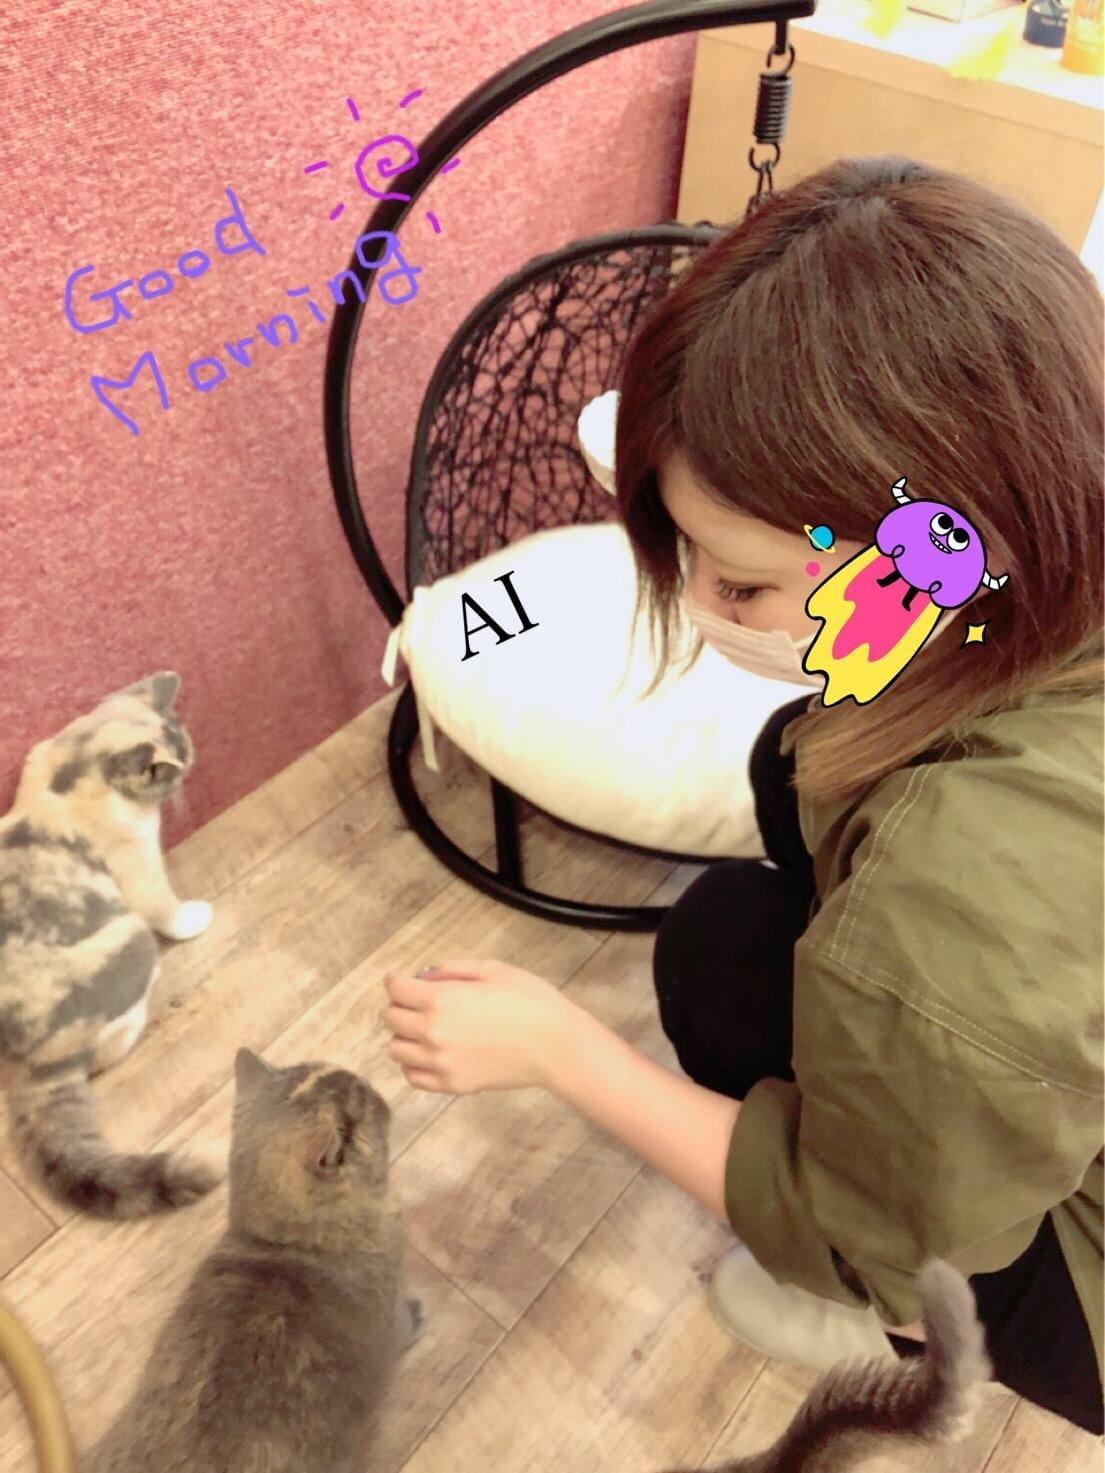 「念願の(♡)」05/21(月) 22:50 | アイの写メ・風俗動画